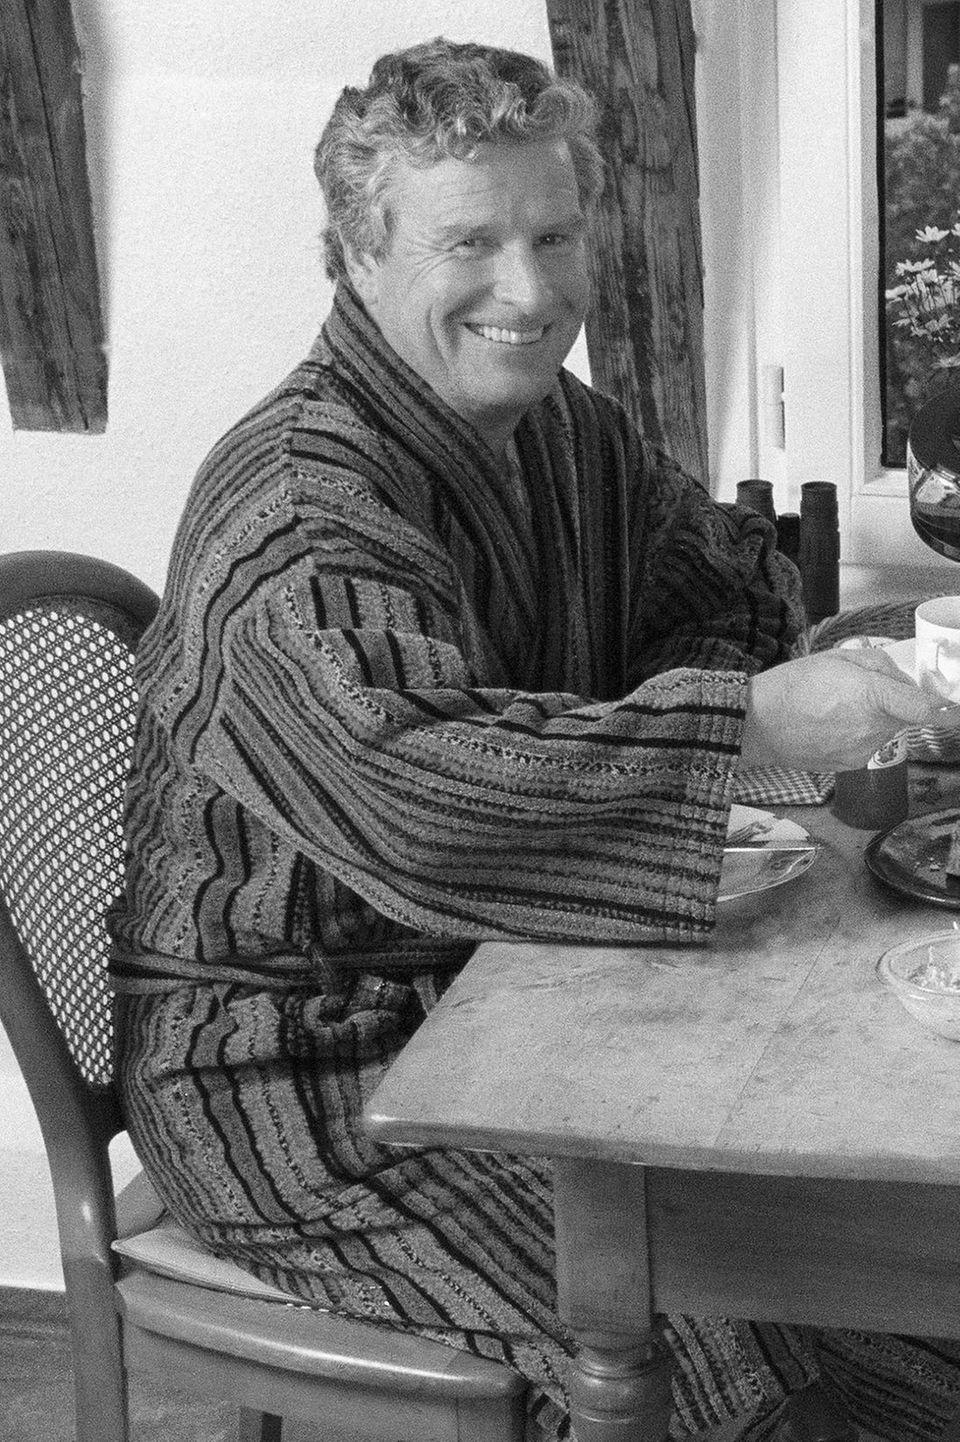 Mai 2017: Andreas von der Meden (74 Jahre)   Er war Schauspieler, Musiker und und hat Kermit dem Frosch, Skinny Norris (Die drei ???) und David Hasselhoff seine Stimme geliehen. Nun ist der Synchronsprecher gestorben.